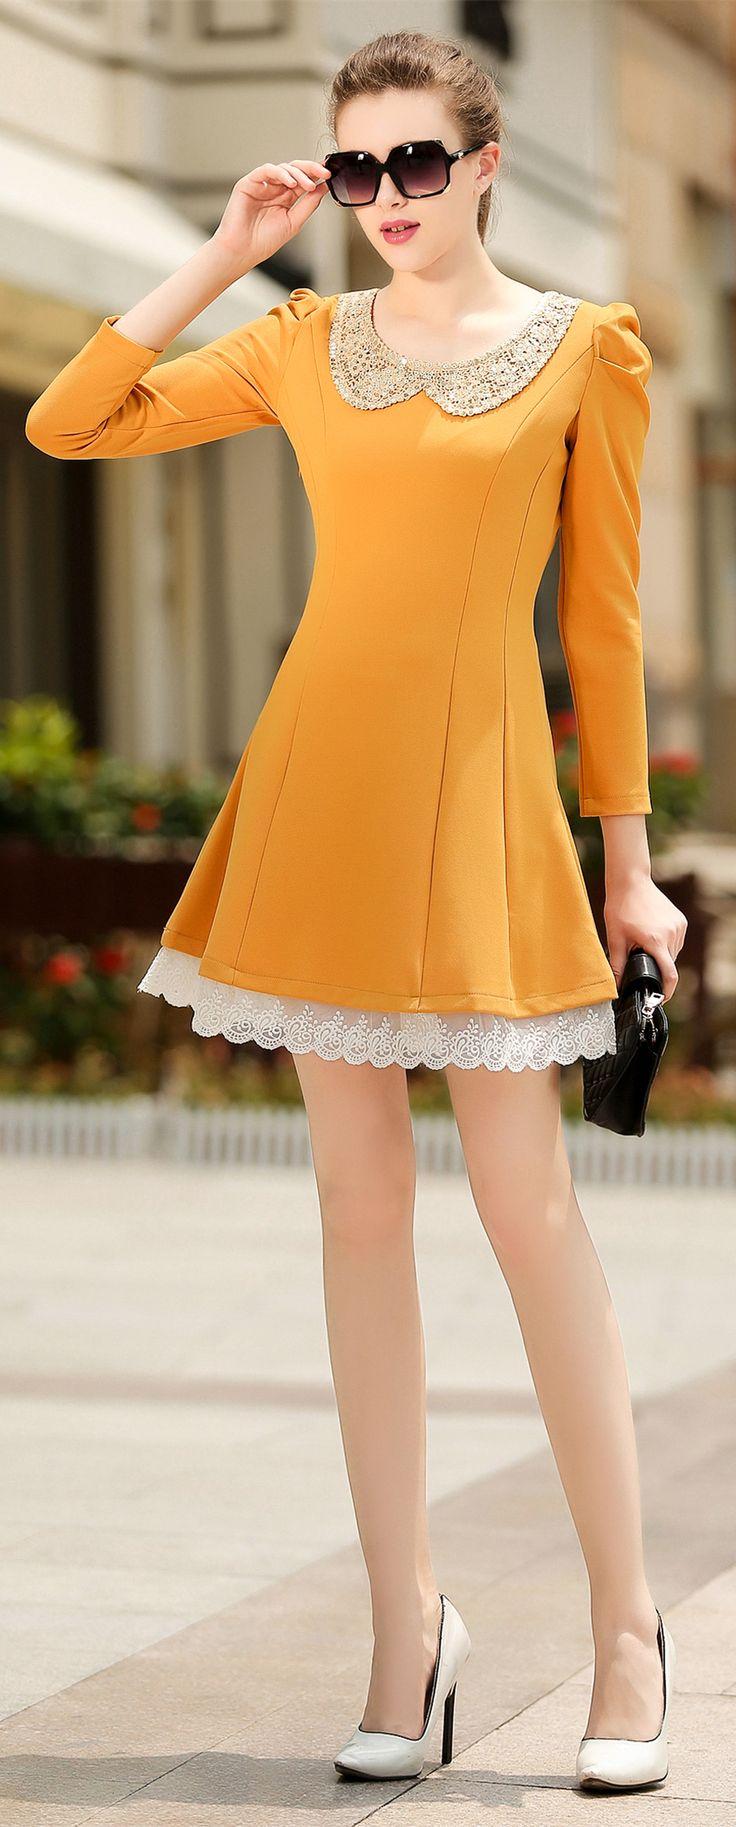 Magst Du Dieses Kleid Wirklich Schon Bescheidene Kleider Fur Teens Schone Bescheidene Kleid